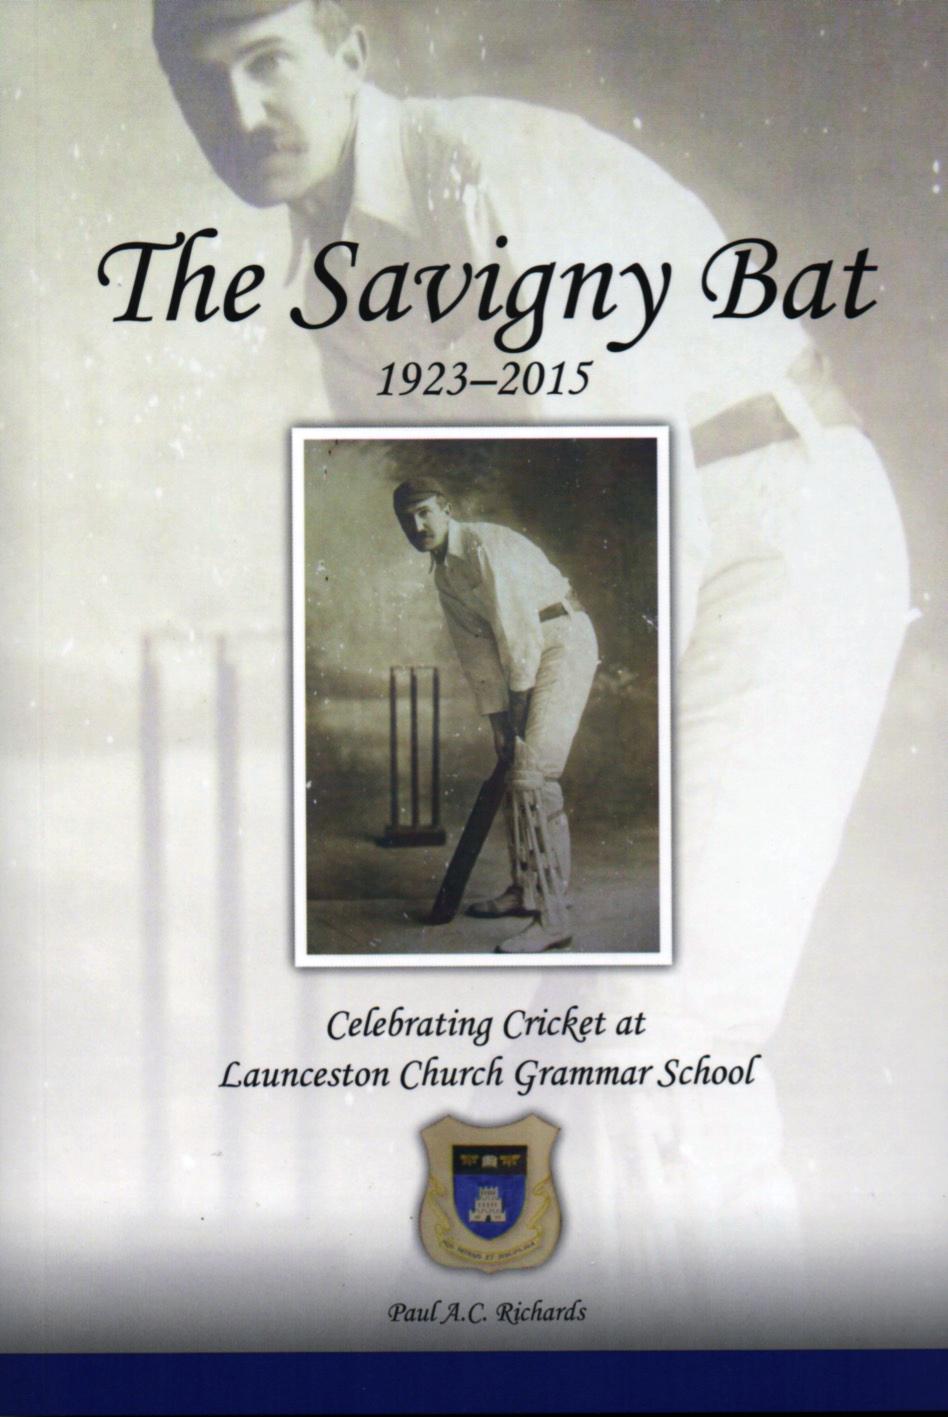 The Savigny Bat 1923 - 2015